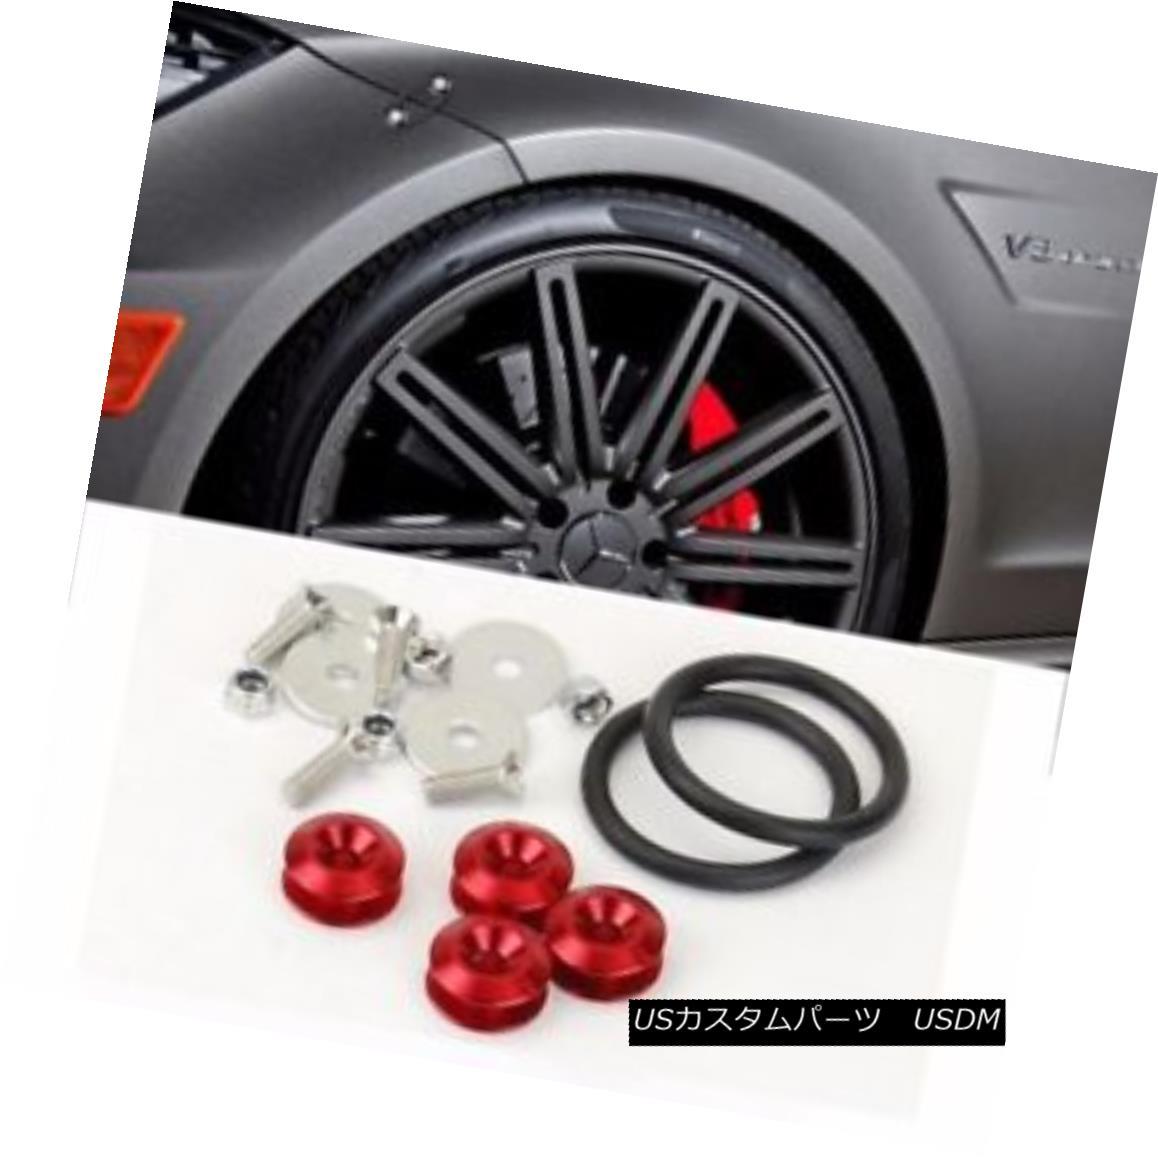 エアロパーツ Universal Red Bolt on Fast Quick Release Secure Kit For Front Rear Bumper Lip フロントリヤバンパーリップ用ユニバーサルレッドボルト